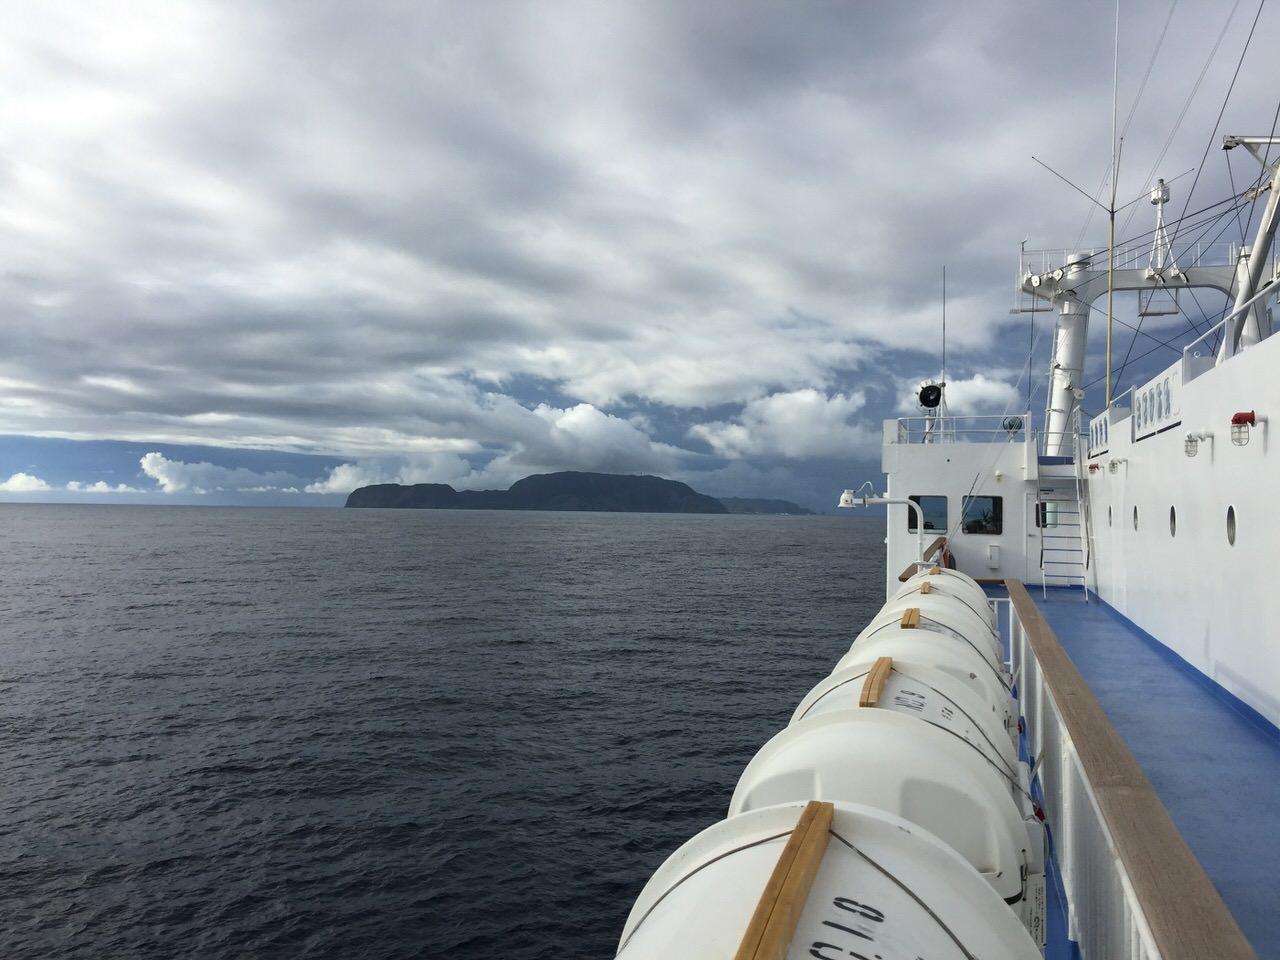 【新島の行き方】大型客船で1泊しながら行く場合